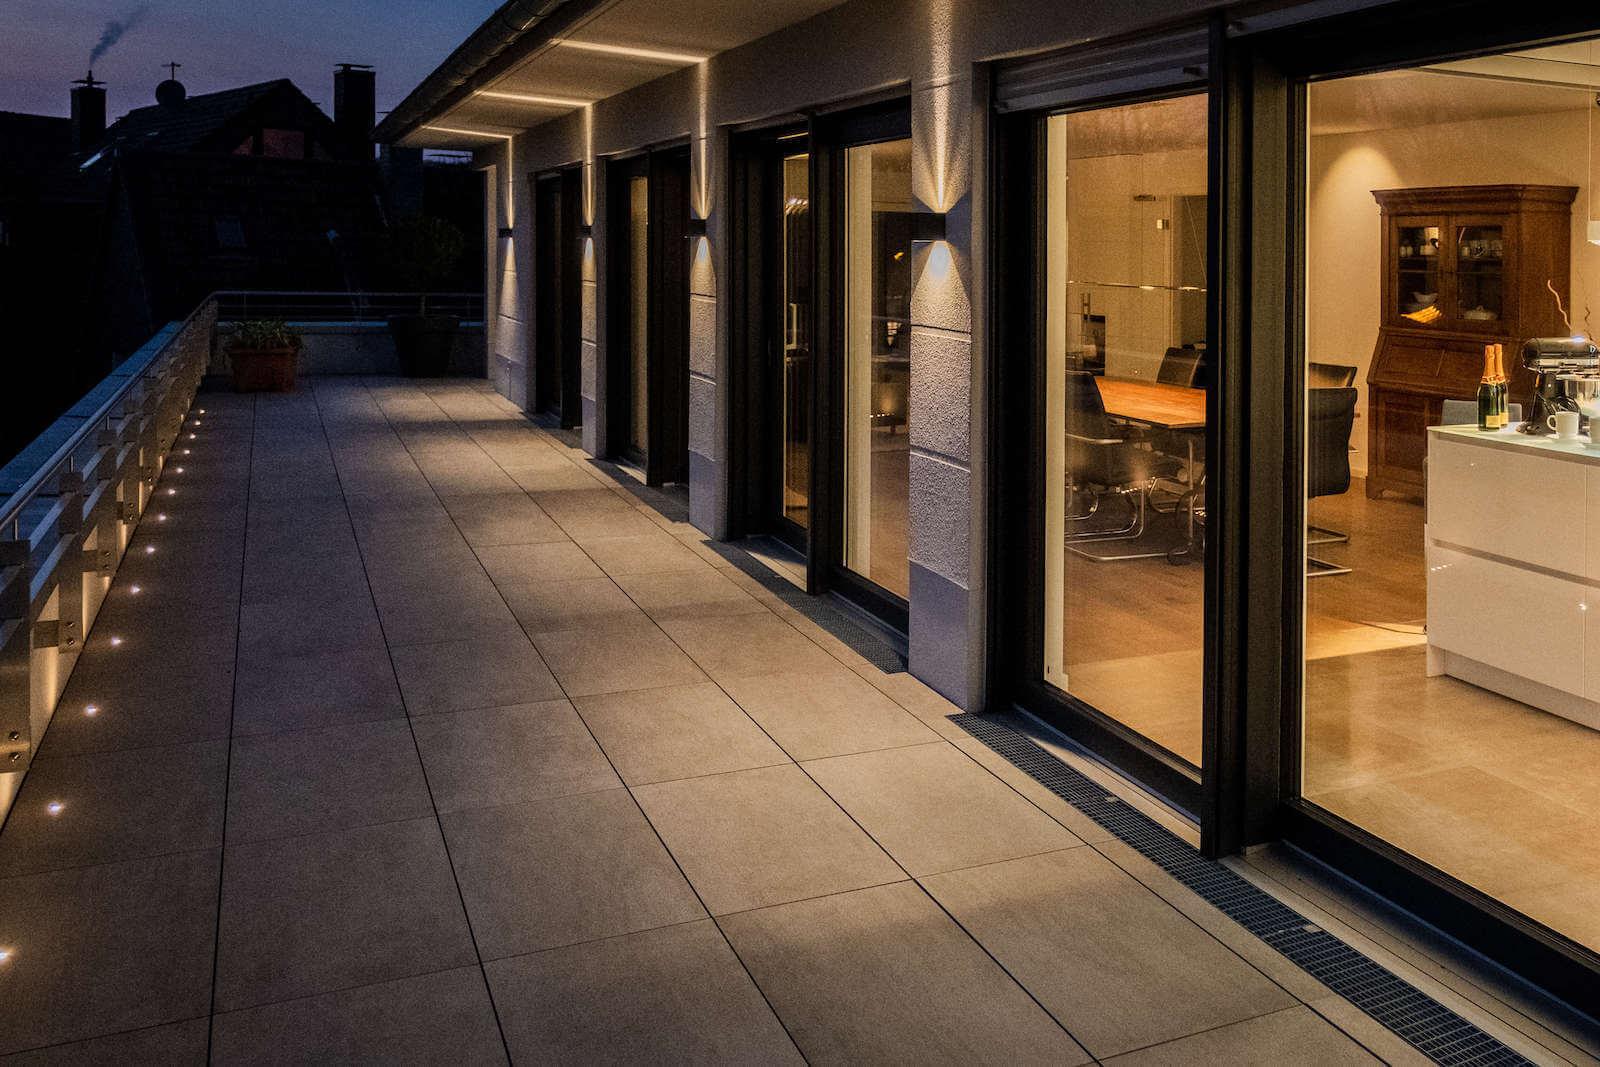 Lichtplanung | Umsetzung Beleuchtung im Außenbereich | Leuchten Lukassen